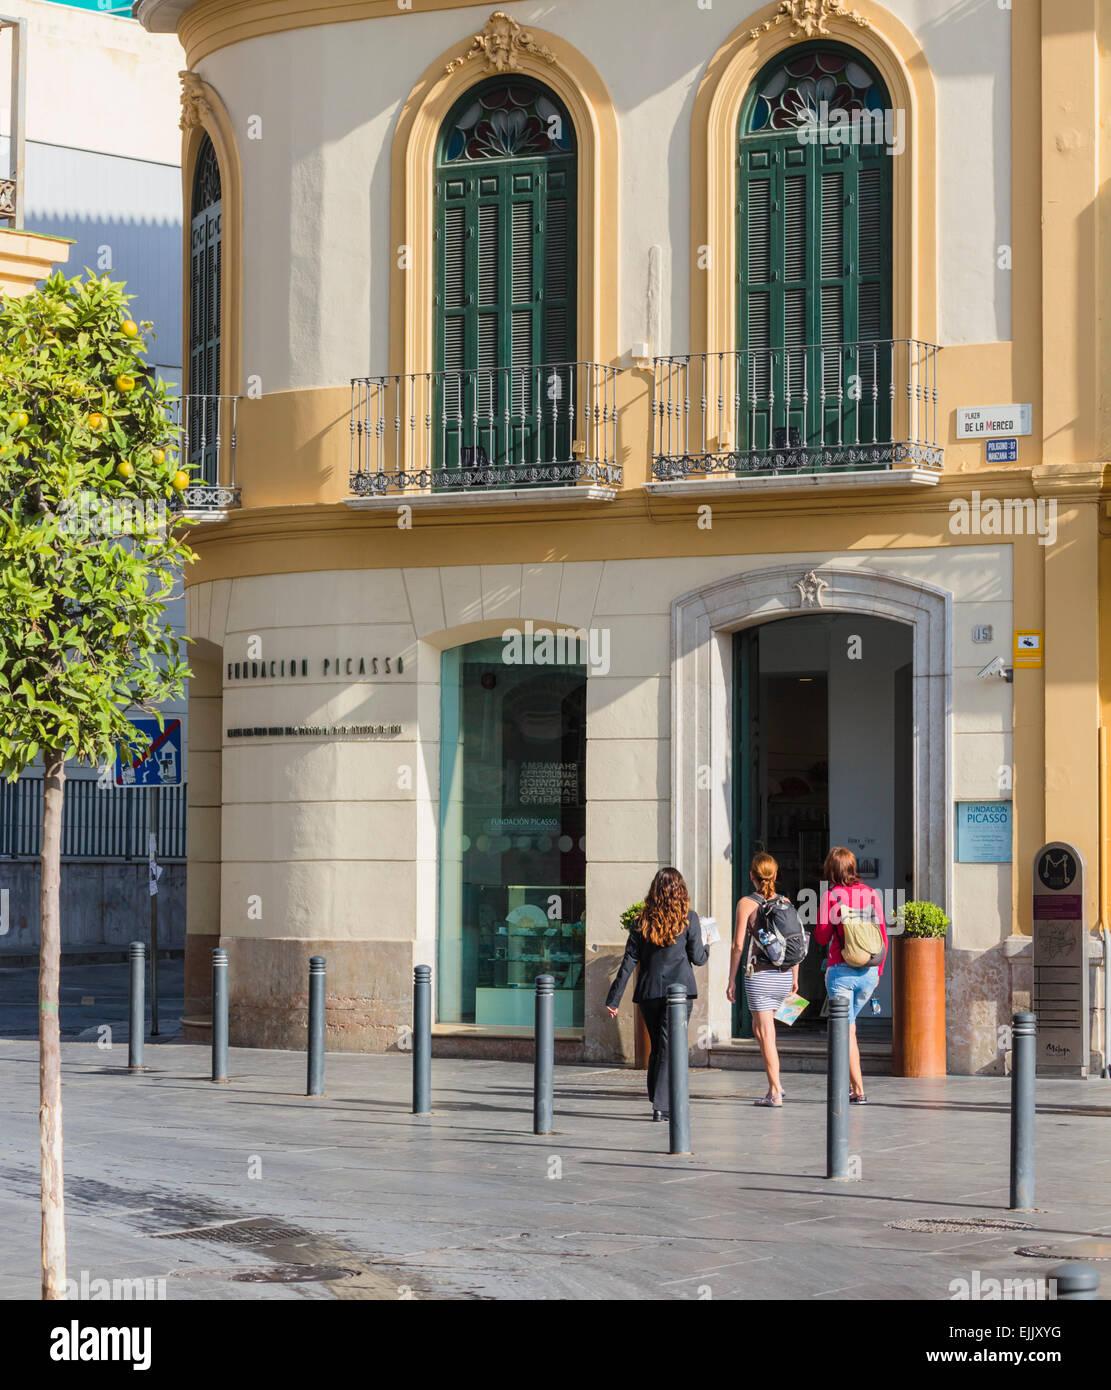 Malaga, Malaga Province, Costa del Sol, Andalusia, southern Spain. Picasso Foundation in Plaza de la Merced. Fundación - Stock Image